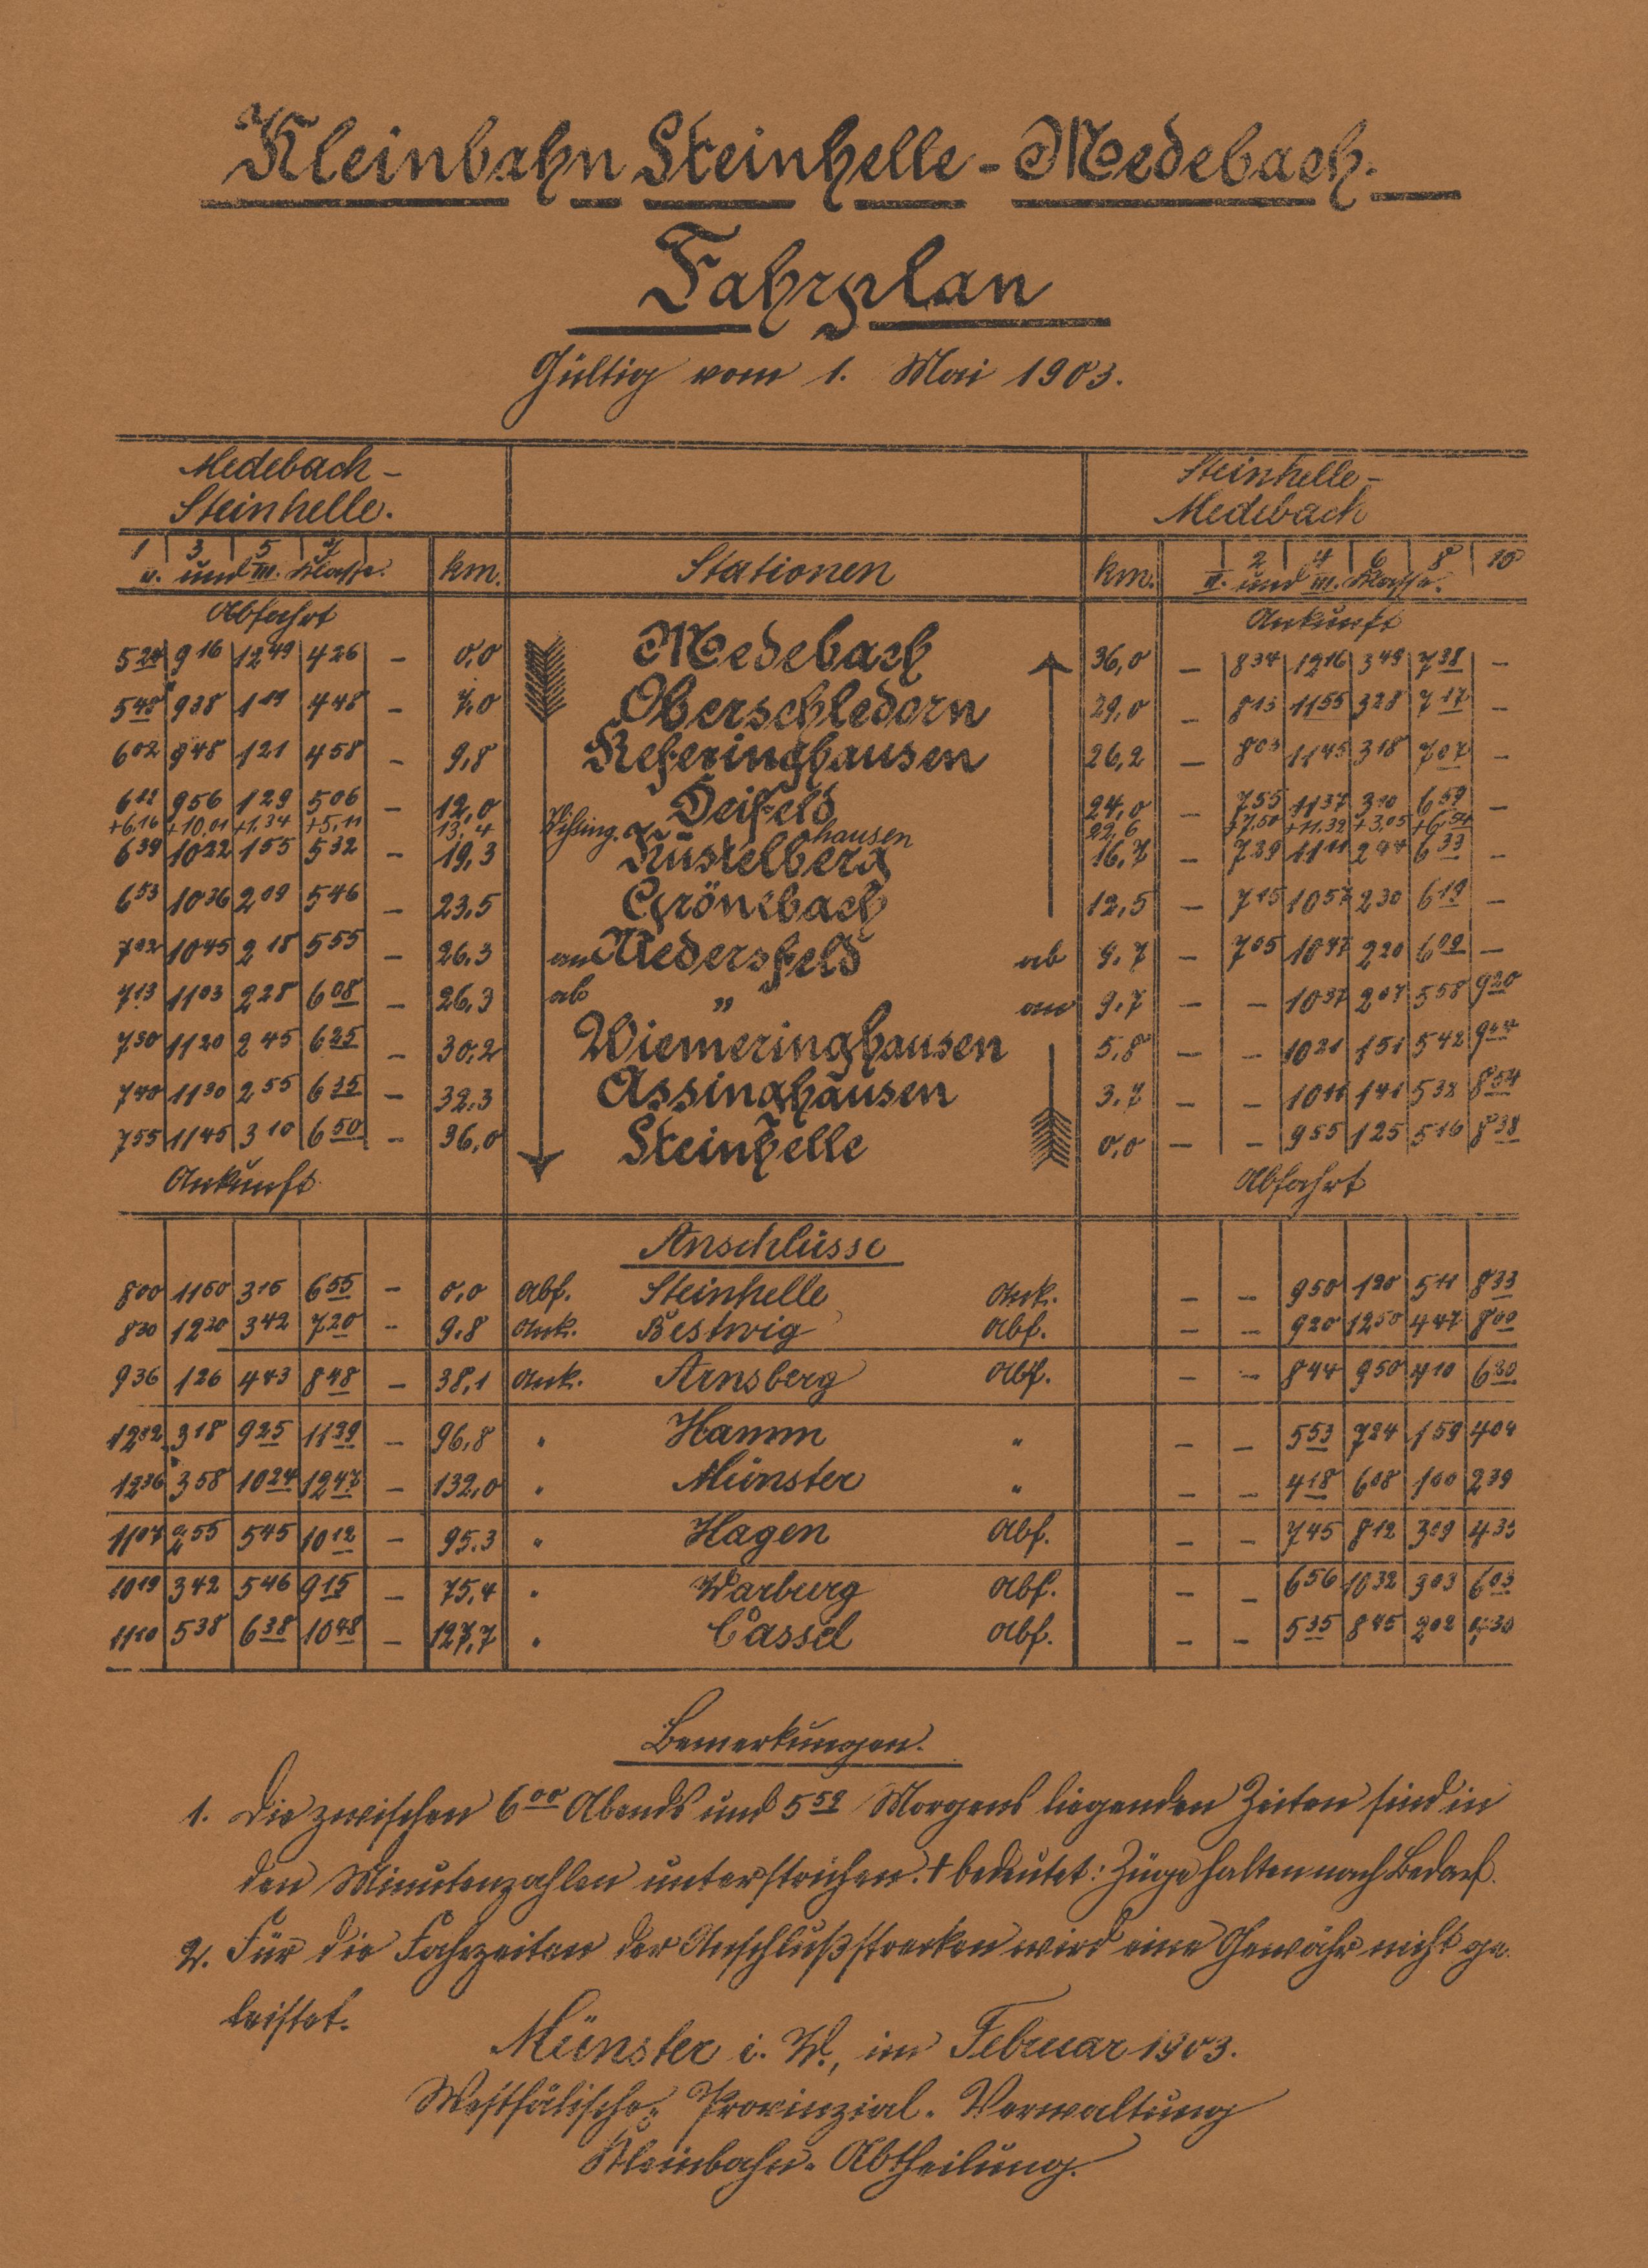 Fahrplan 1903